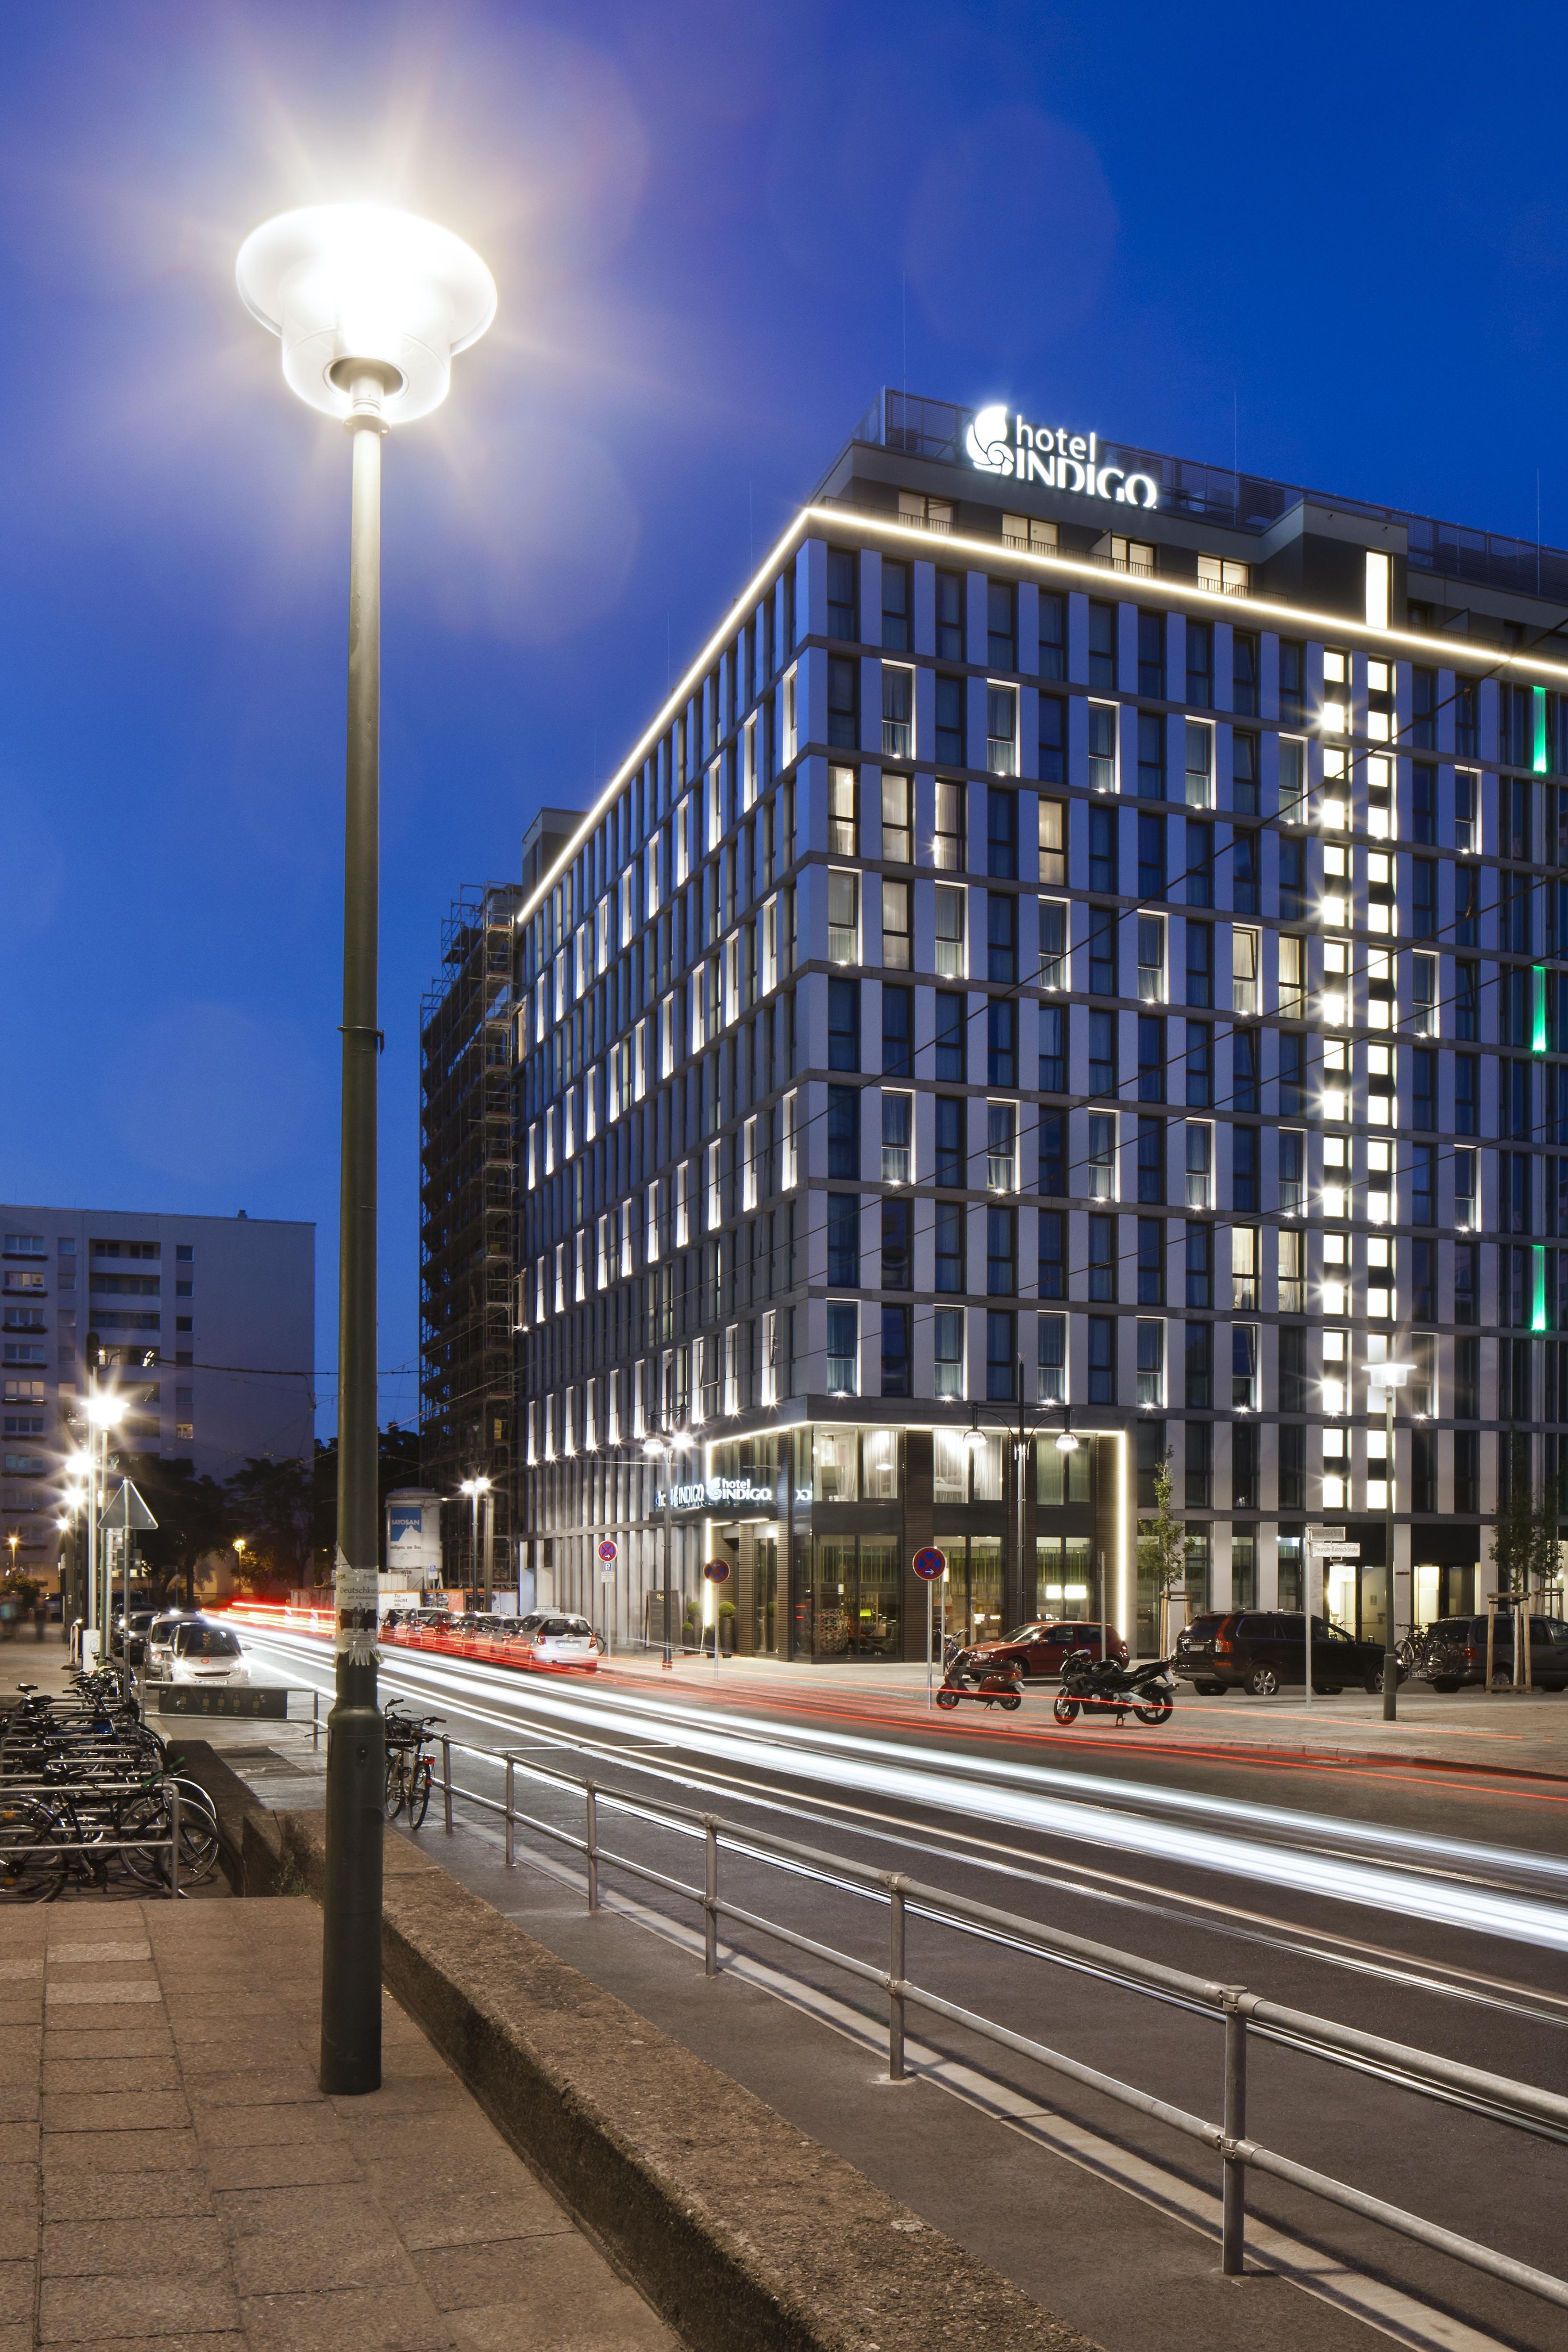 Hrs Mercure Hotel Berlin Mitte Berlin